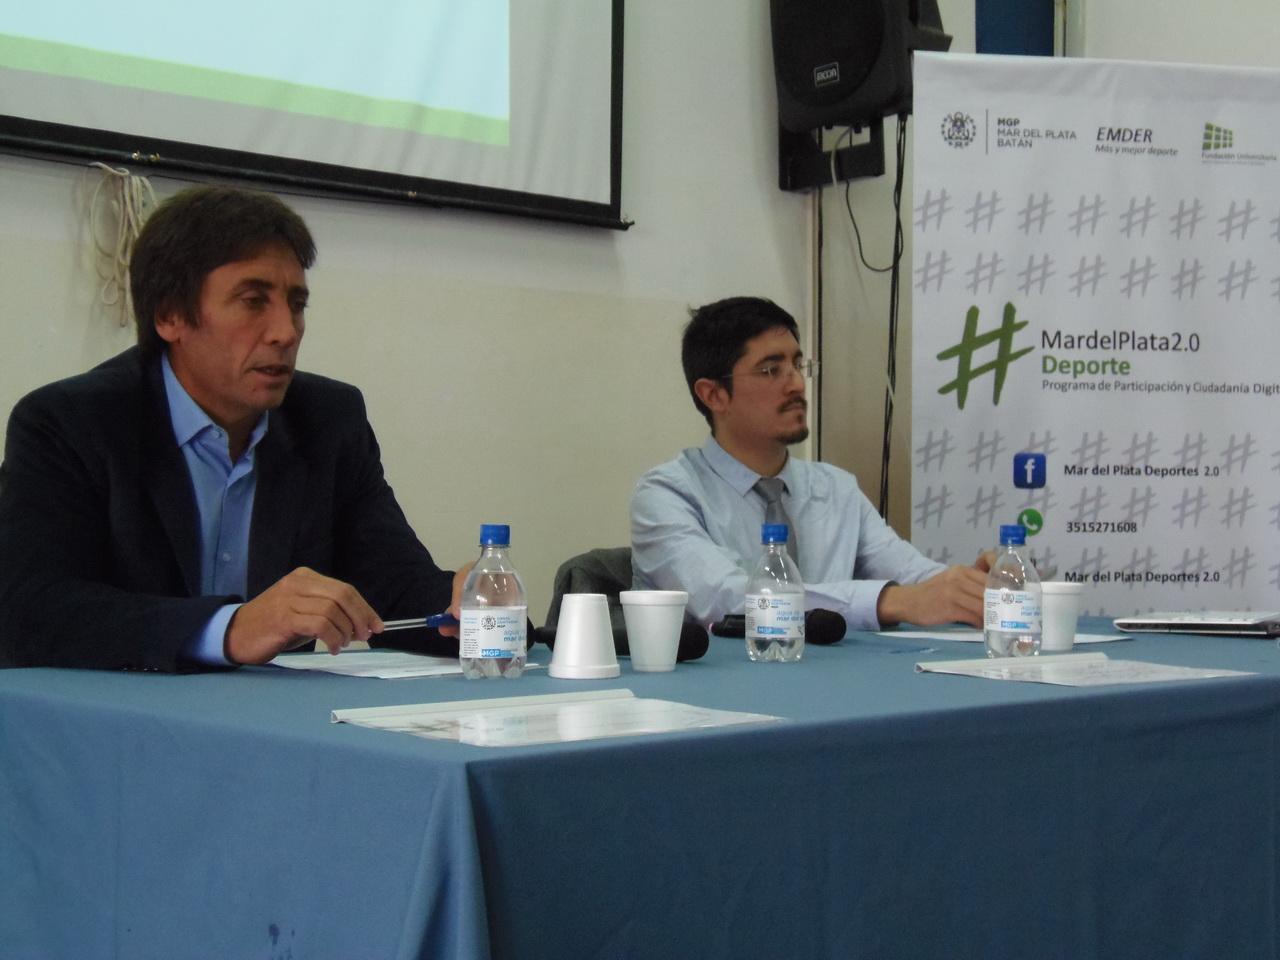 La presentación del Programa Mar del Plata 2.0 Deporte.